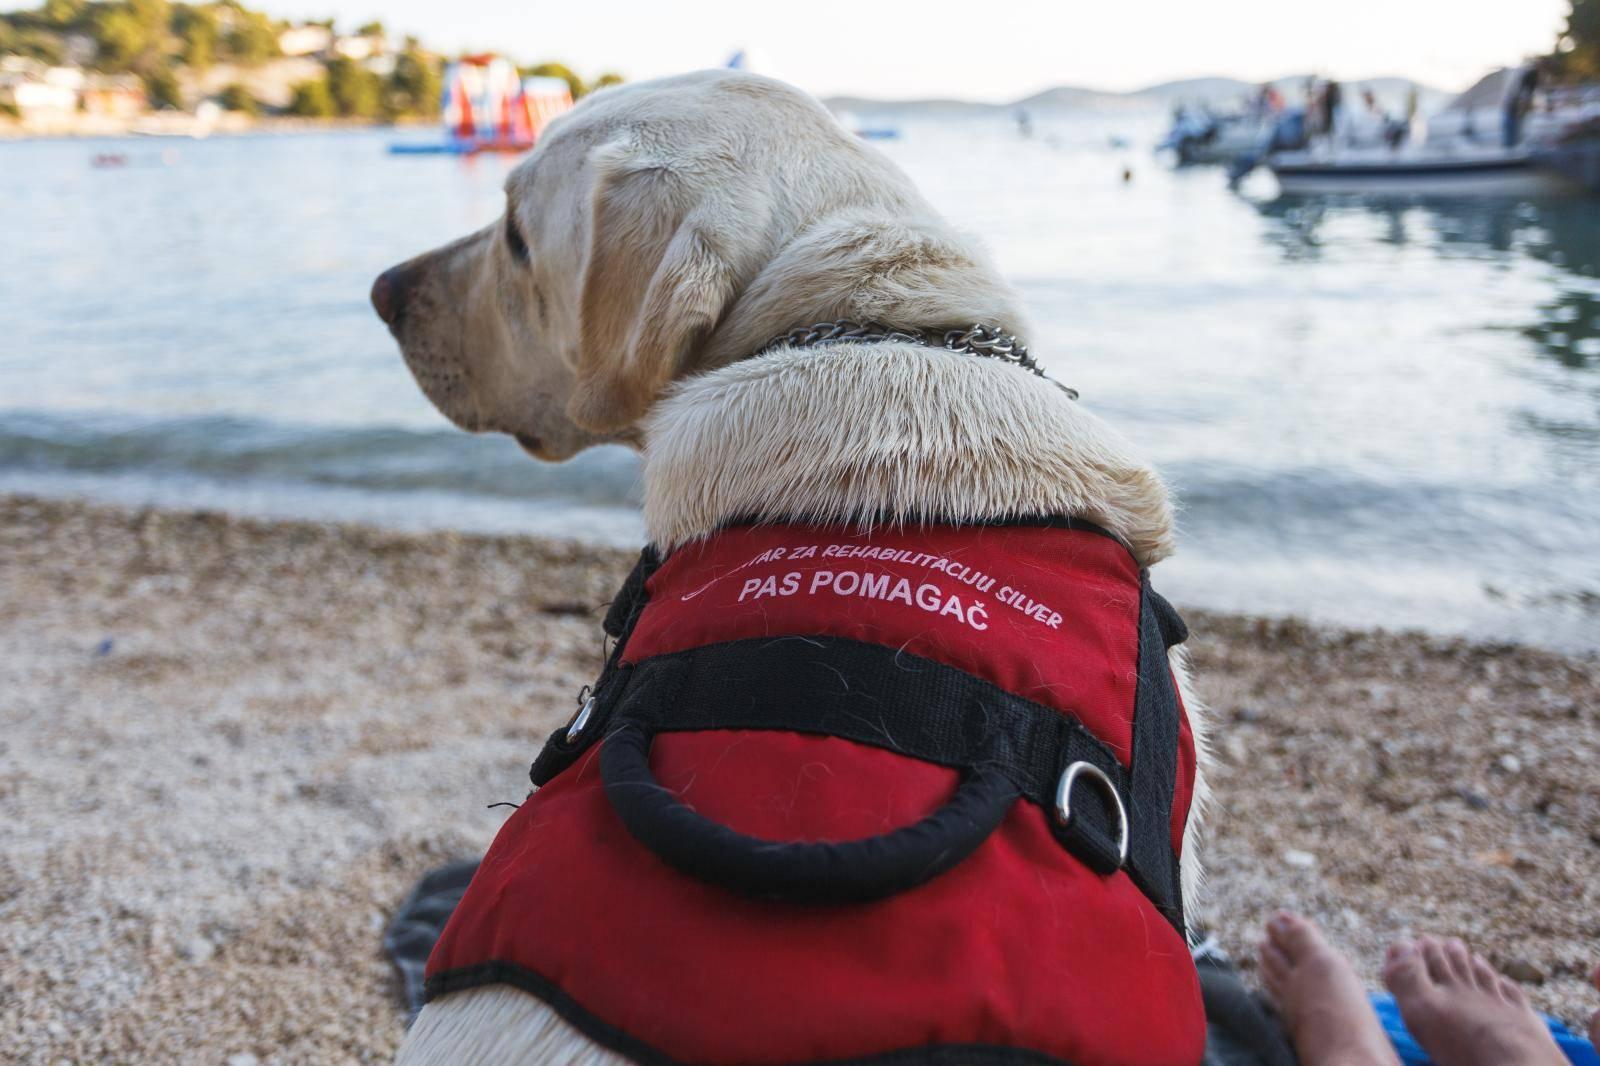 Krše mu prava: 'Sinu invalidu ne daju doći na plažu sa psom'